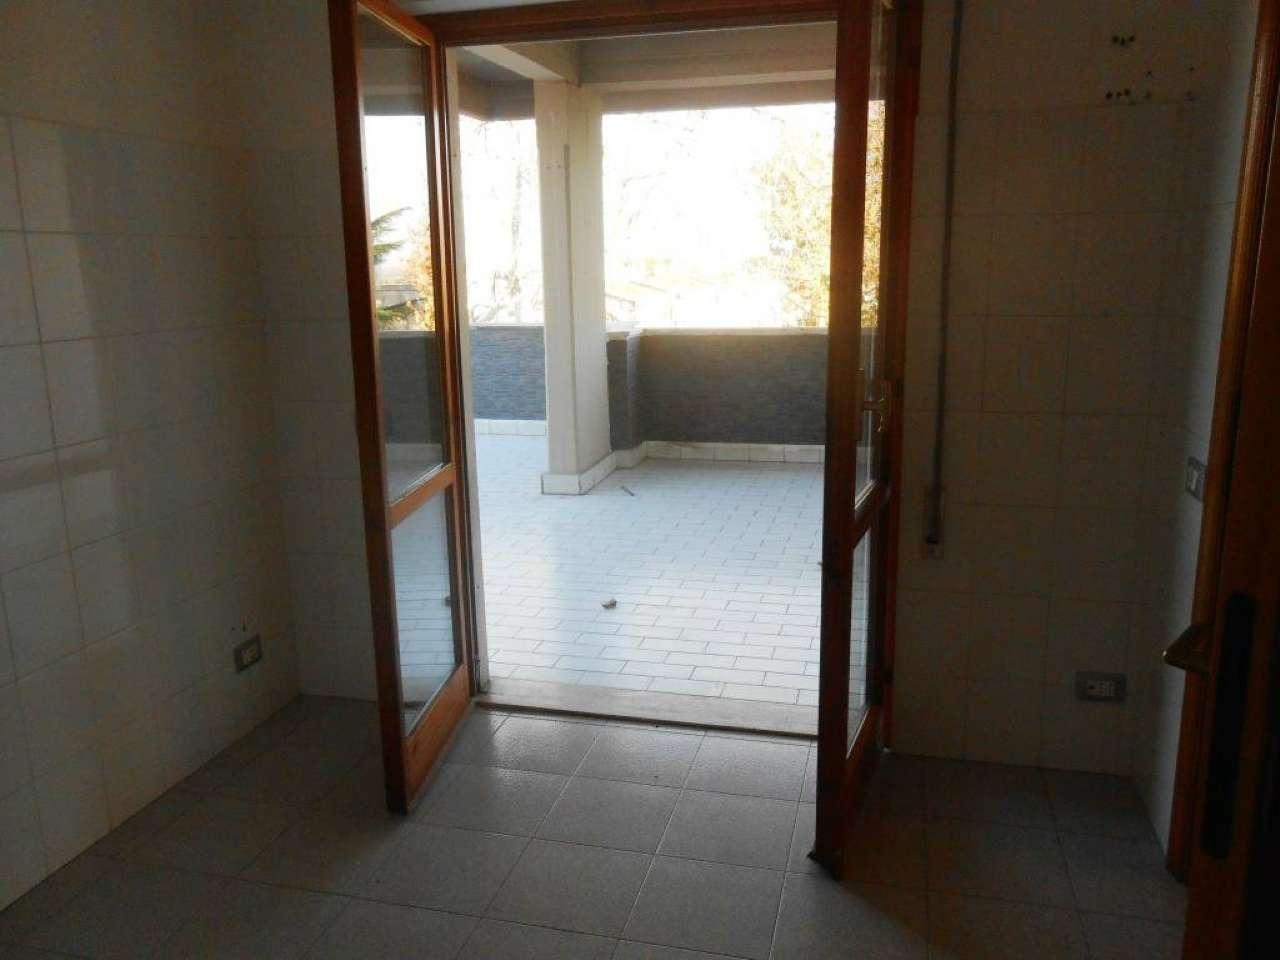 Attico / Mansarda in affitto a Anzio, 3 locali, prezzo € 600 | Cambio Casa.it